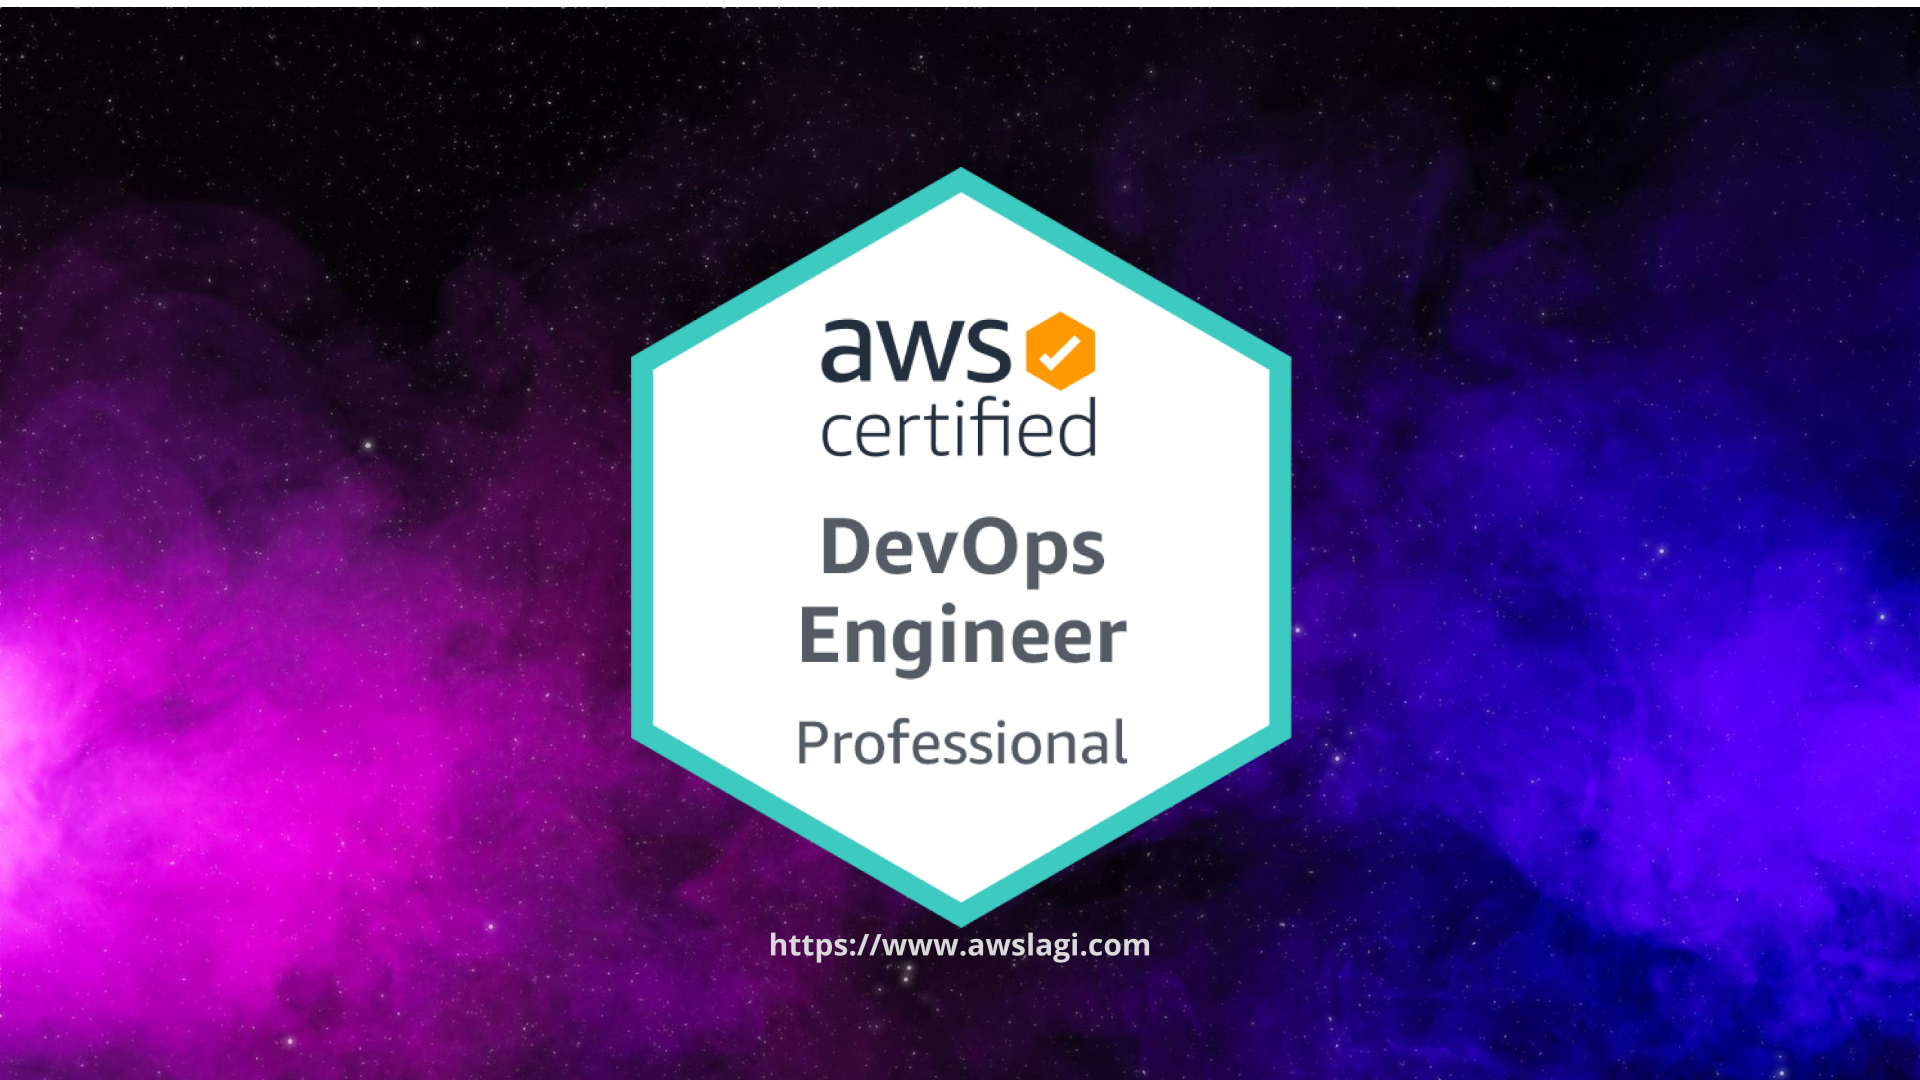 aws-certified-devops-engineer-professional-dop-c01-actual-exam-logo